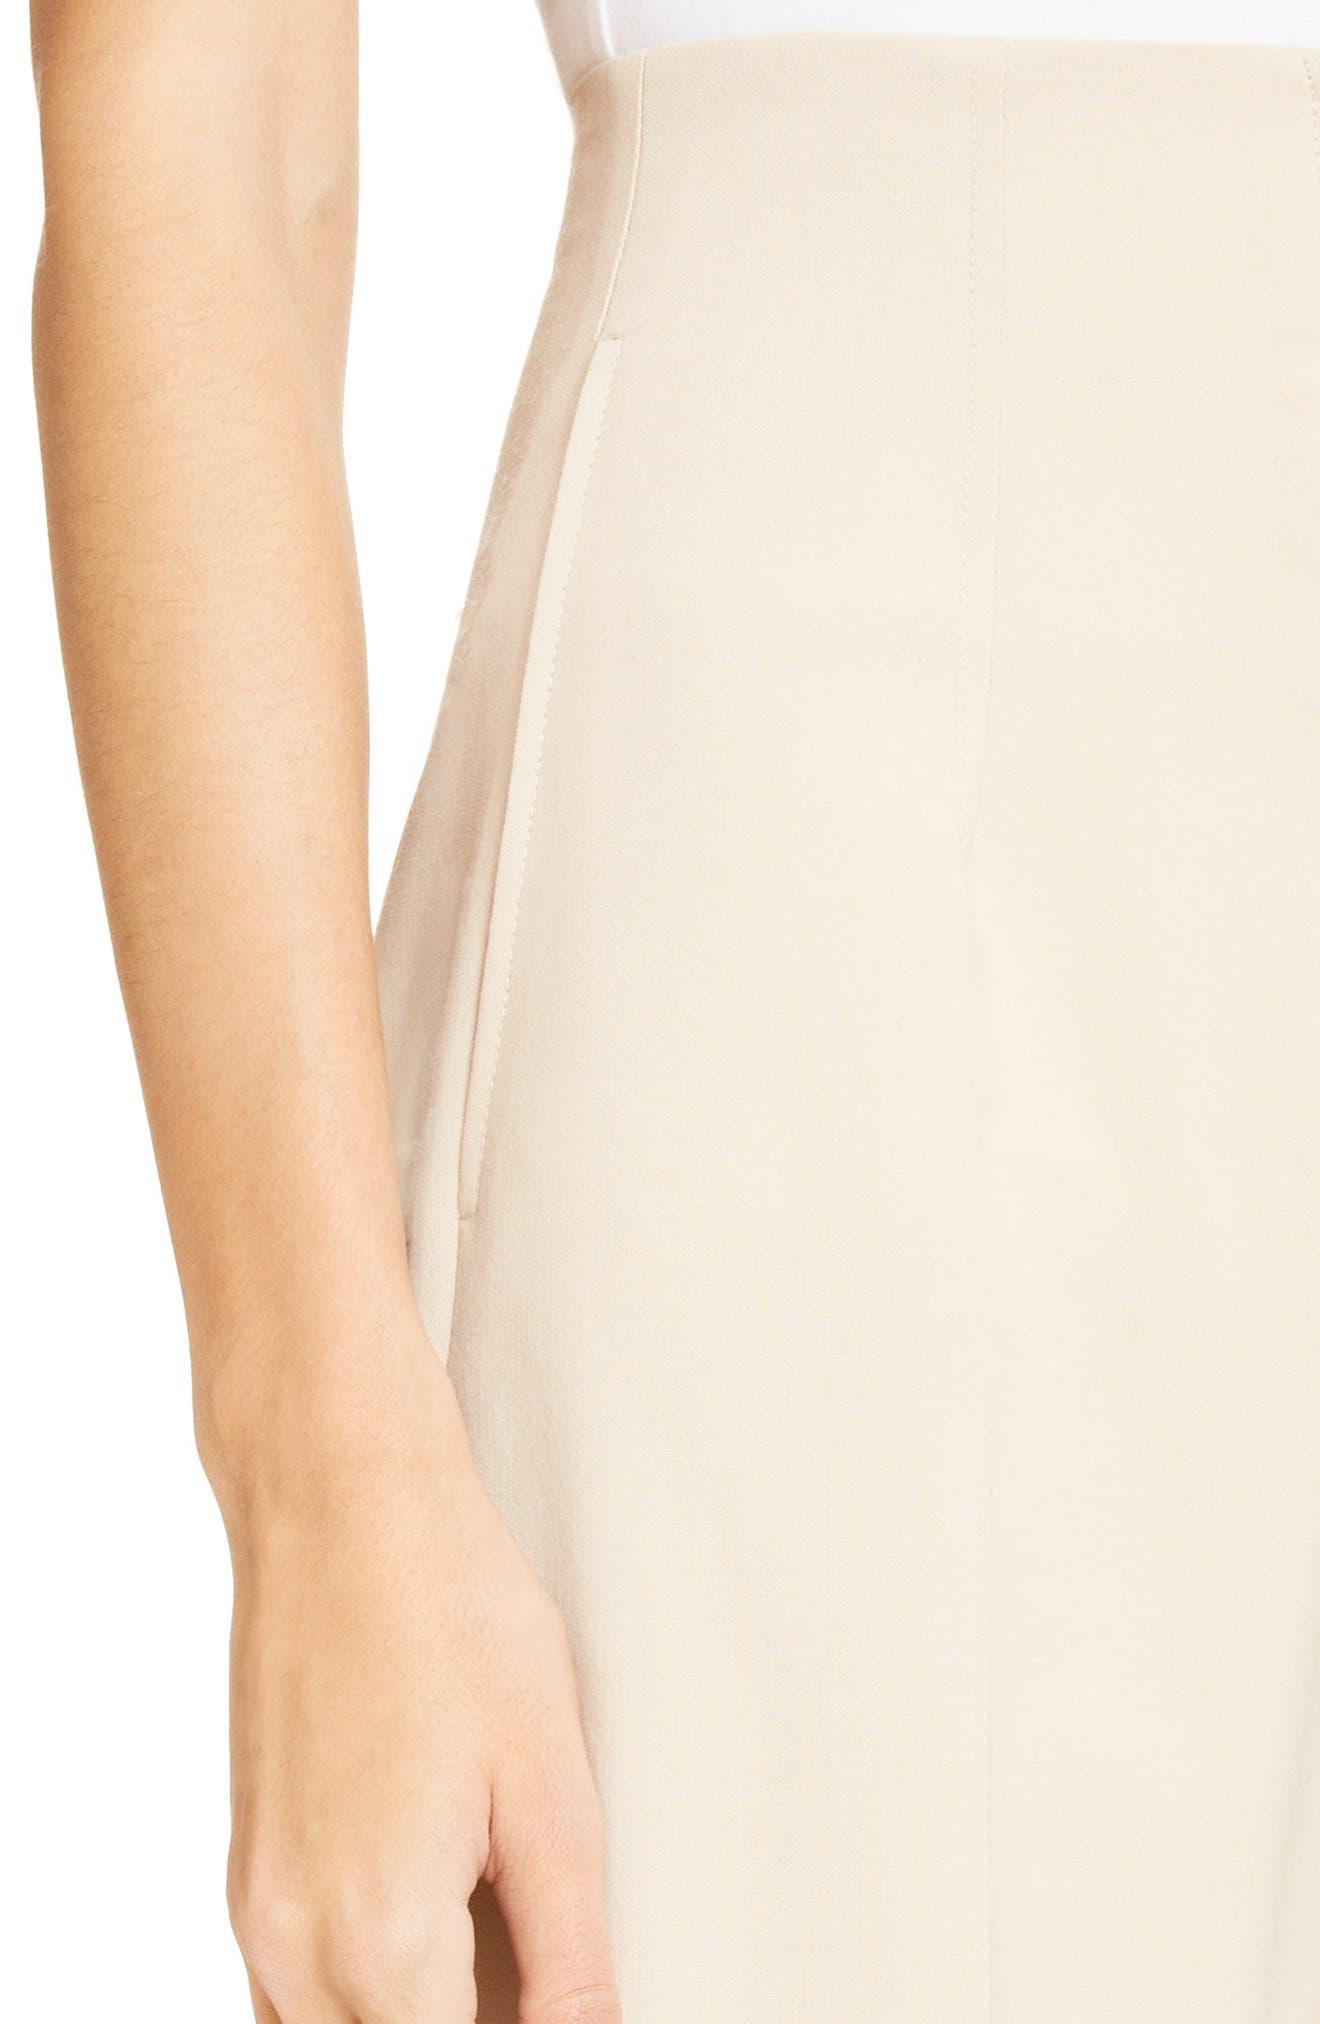 Le Pantalon Droit High Waist Crop Pants,                             Alternate thumbnail 4, color,                             250